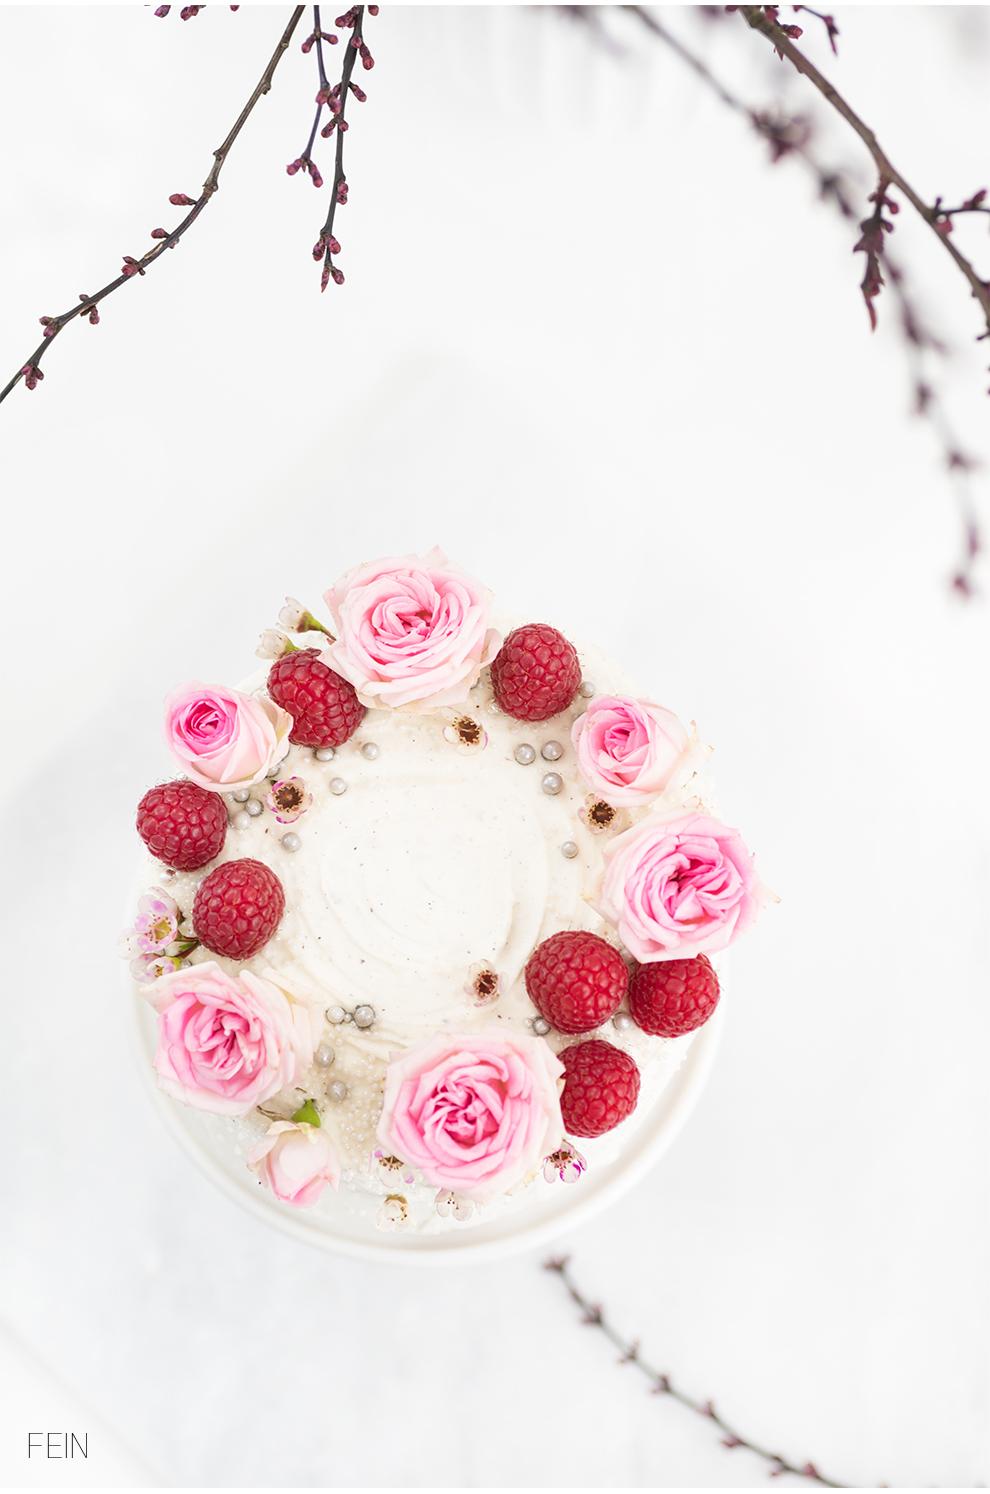 Geburtstag Torten Dekoration Blüten